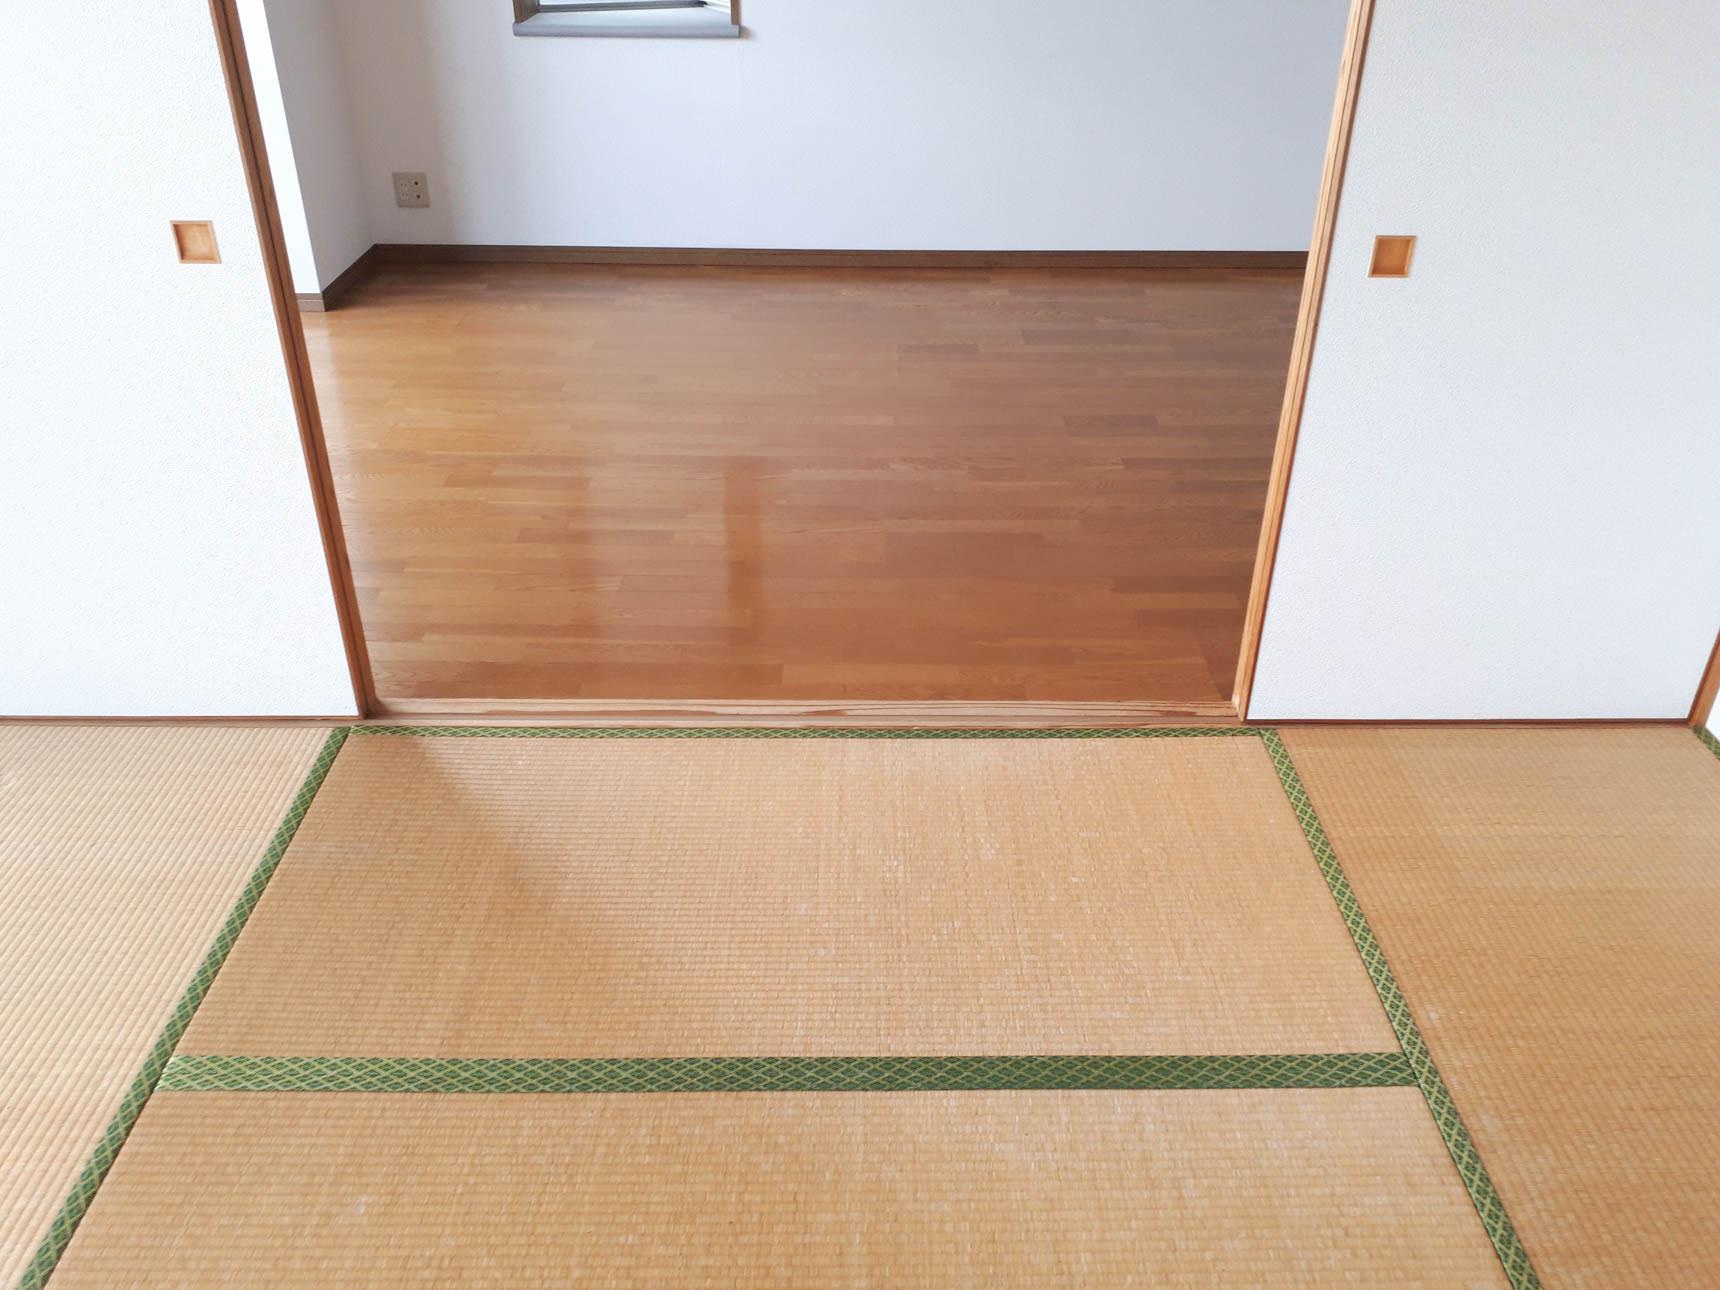 ビフォアのお部屋は、こんな感じの畳とフローリング。